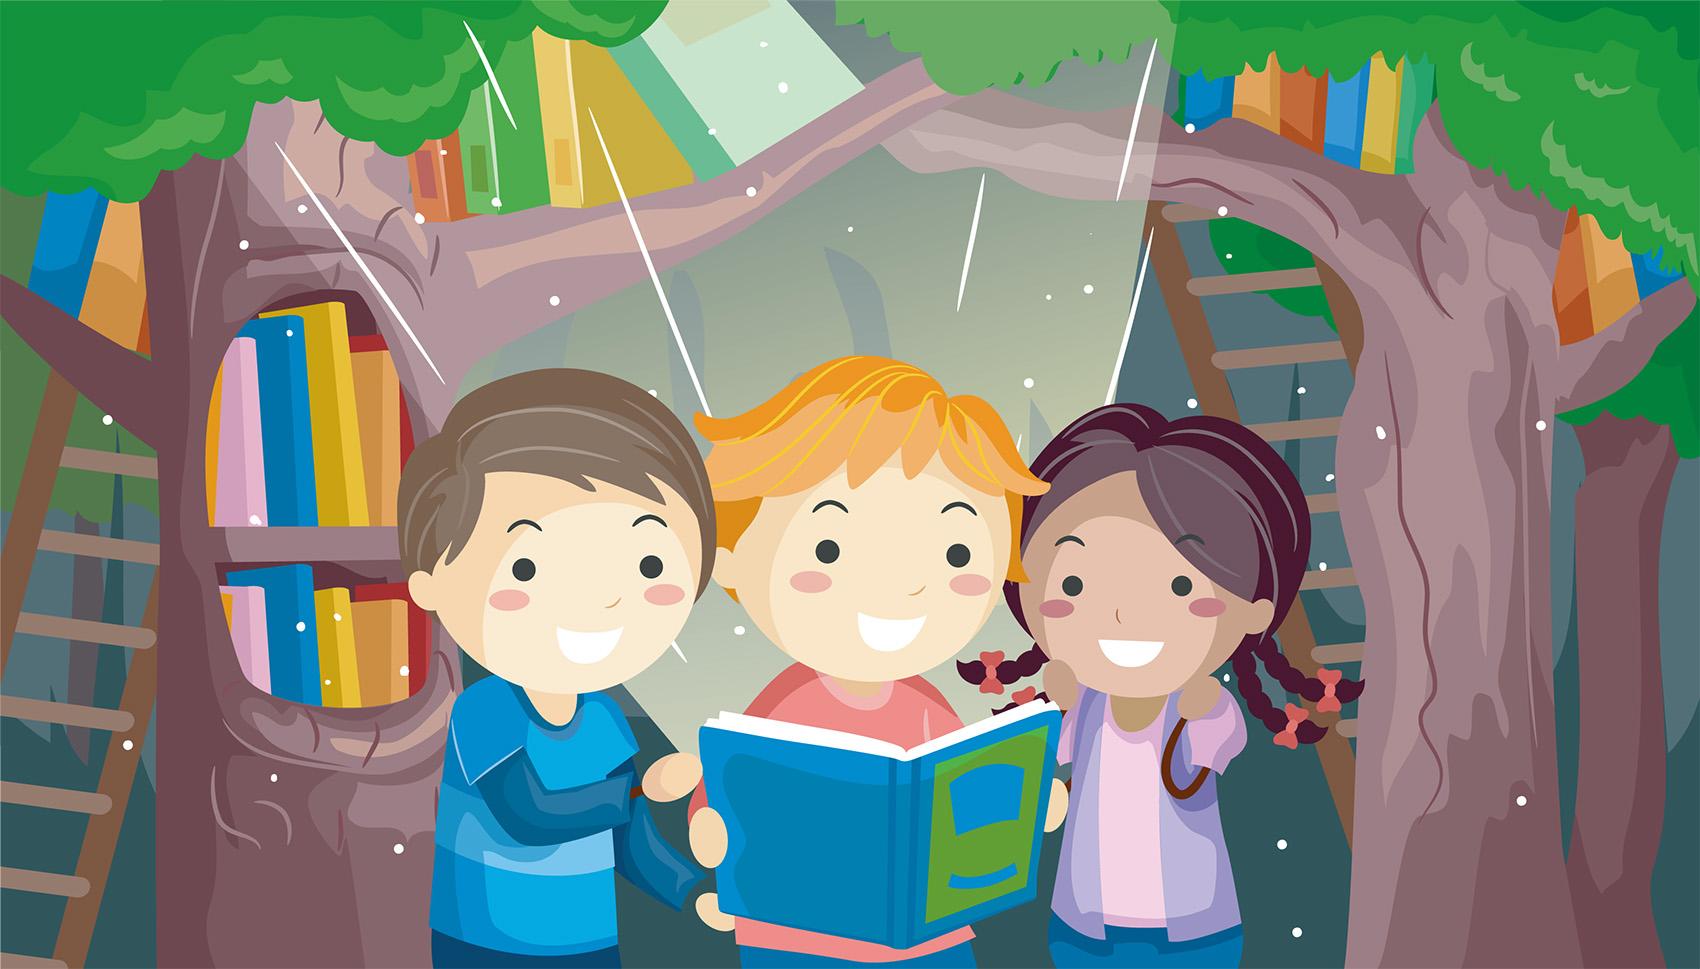 読書が苦手な子でも楽しめちゃう!今月の読んでハッピーになれるおすすめ本